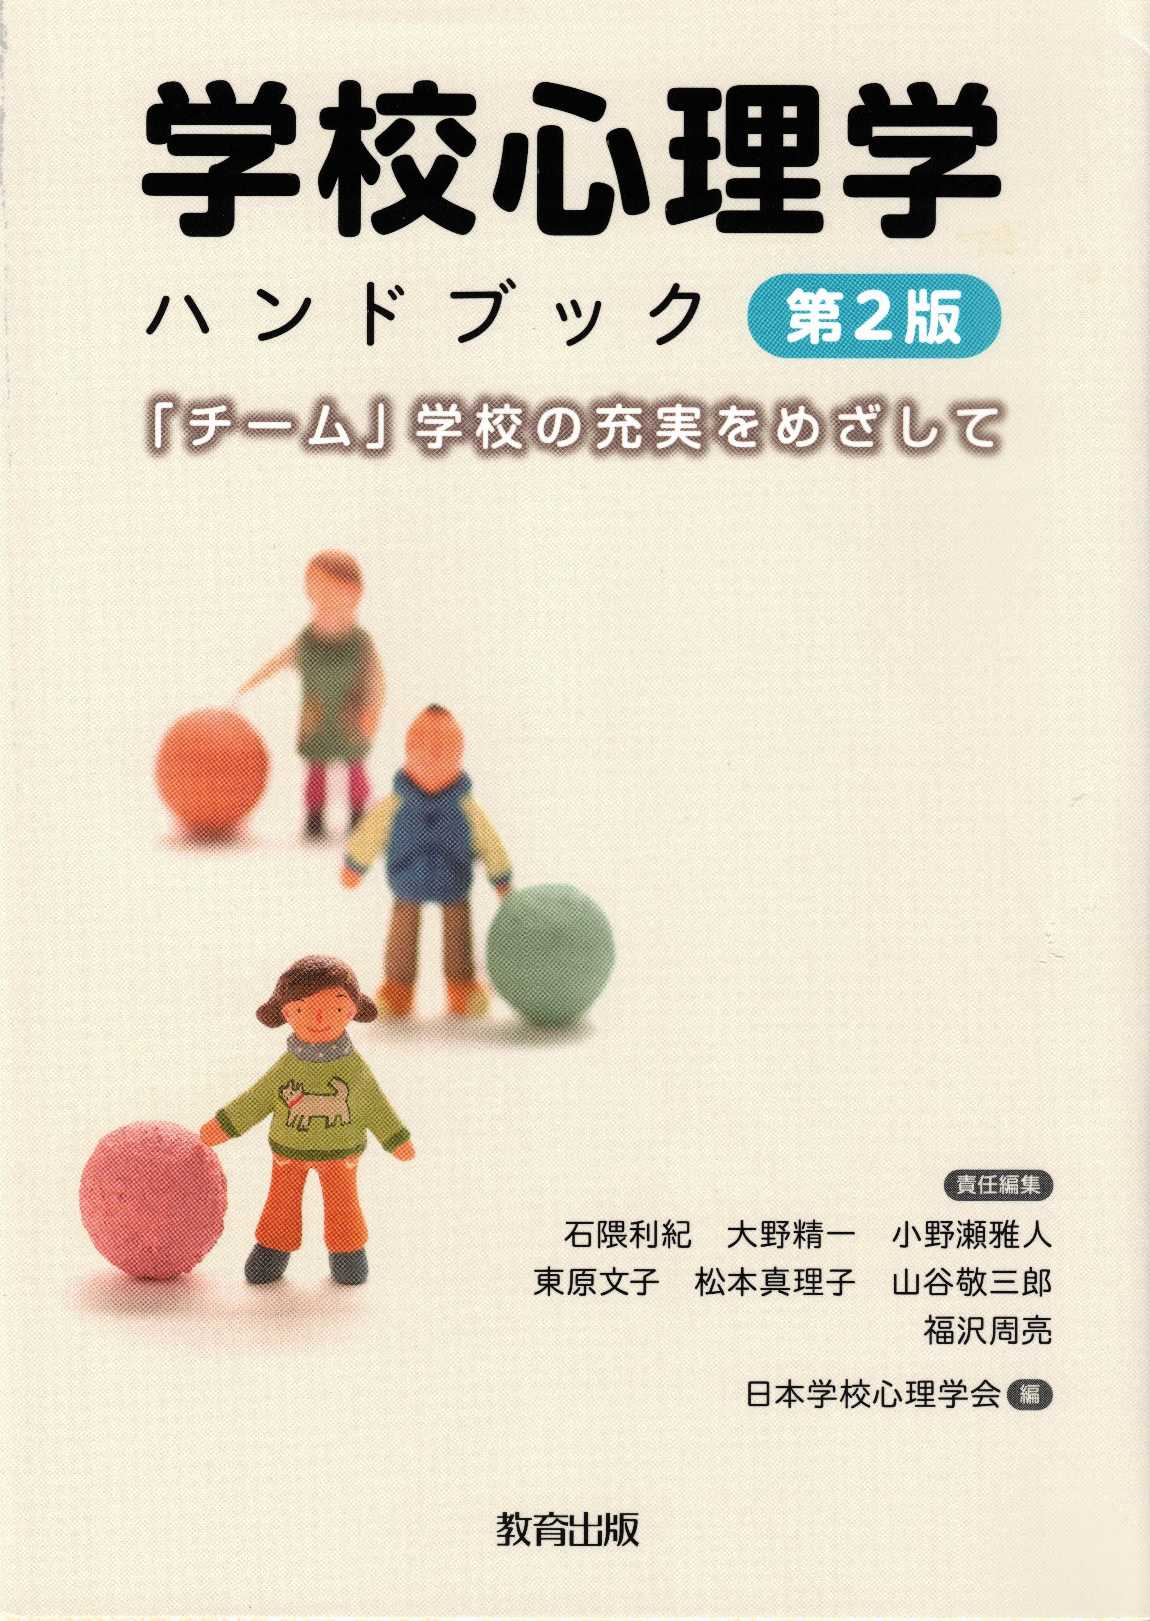 学校心理学ハンドブック 第2版 「チーム」学校の充実をめざして